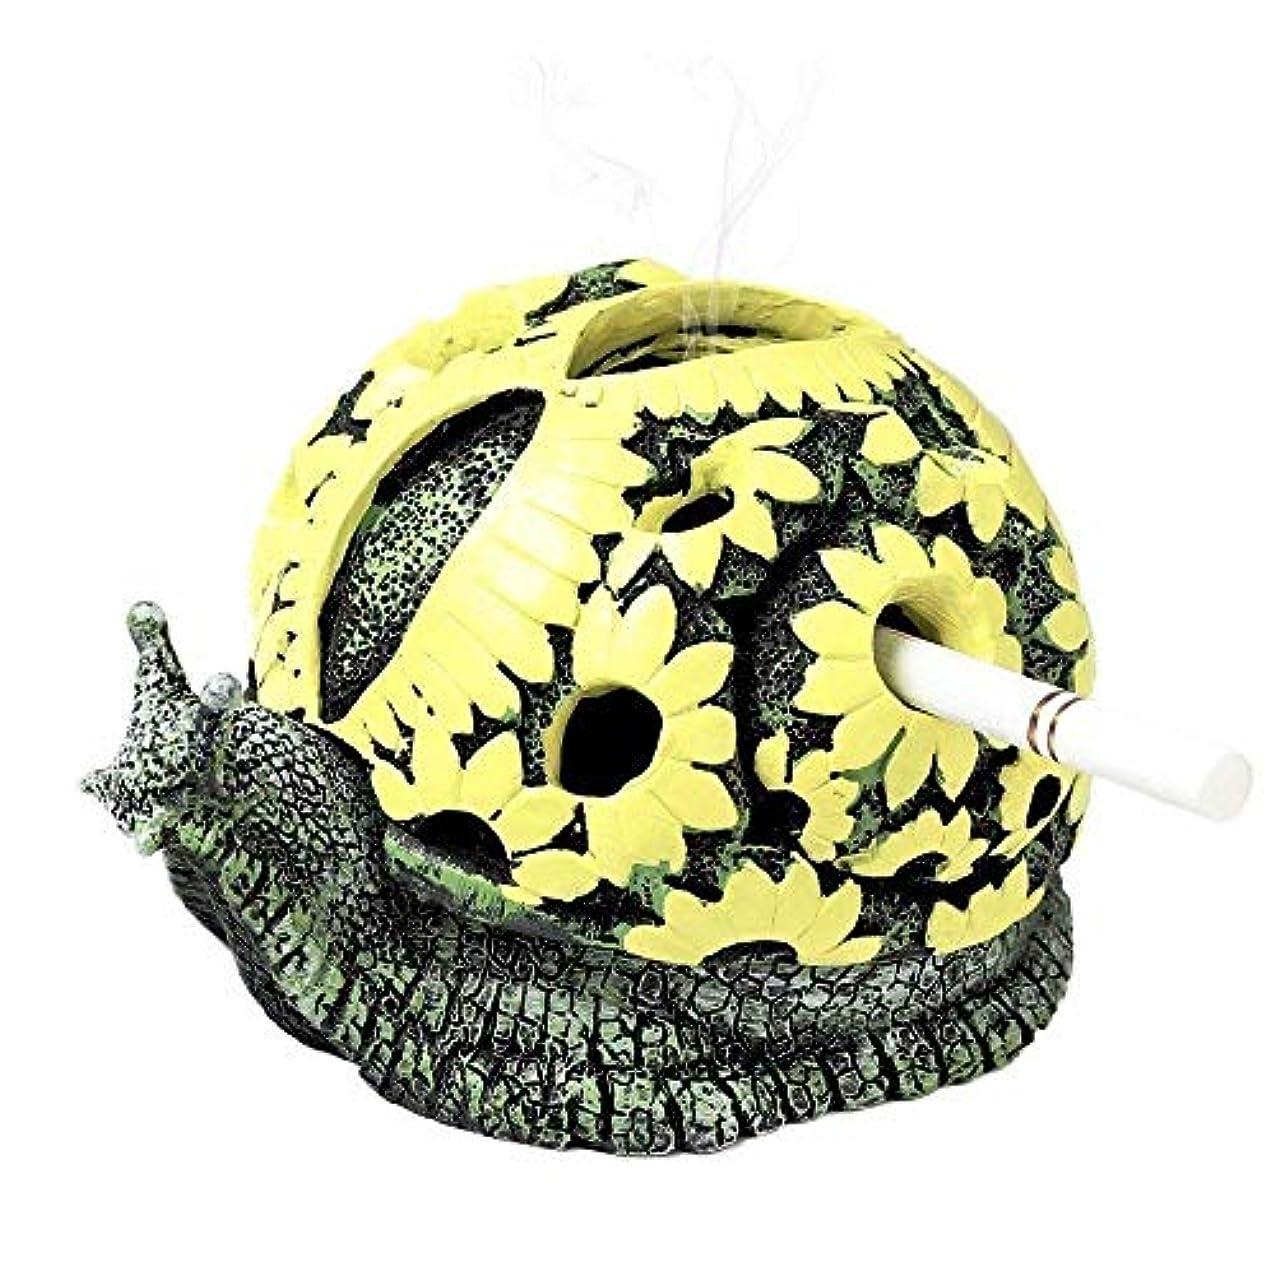 ジャーナル農学ルーフモンスター灰皿クリエイティブカタツムリ灰皿工芸品の装飾クリエイティブタートル灰皿 (色 : Escargot)